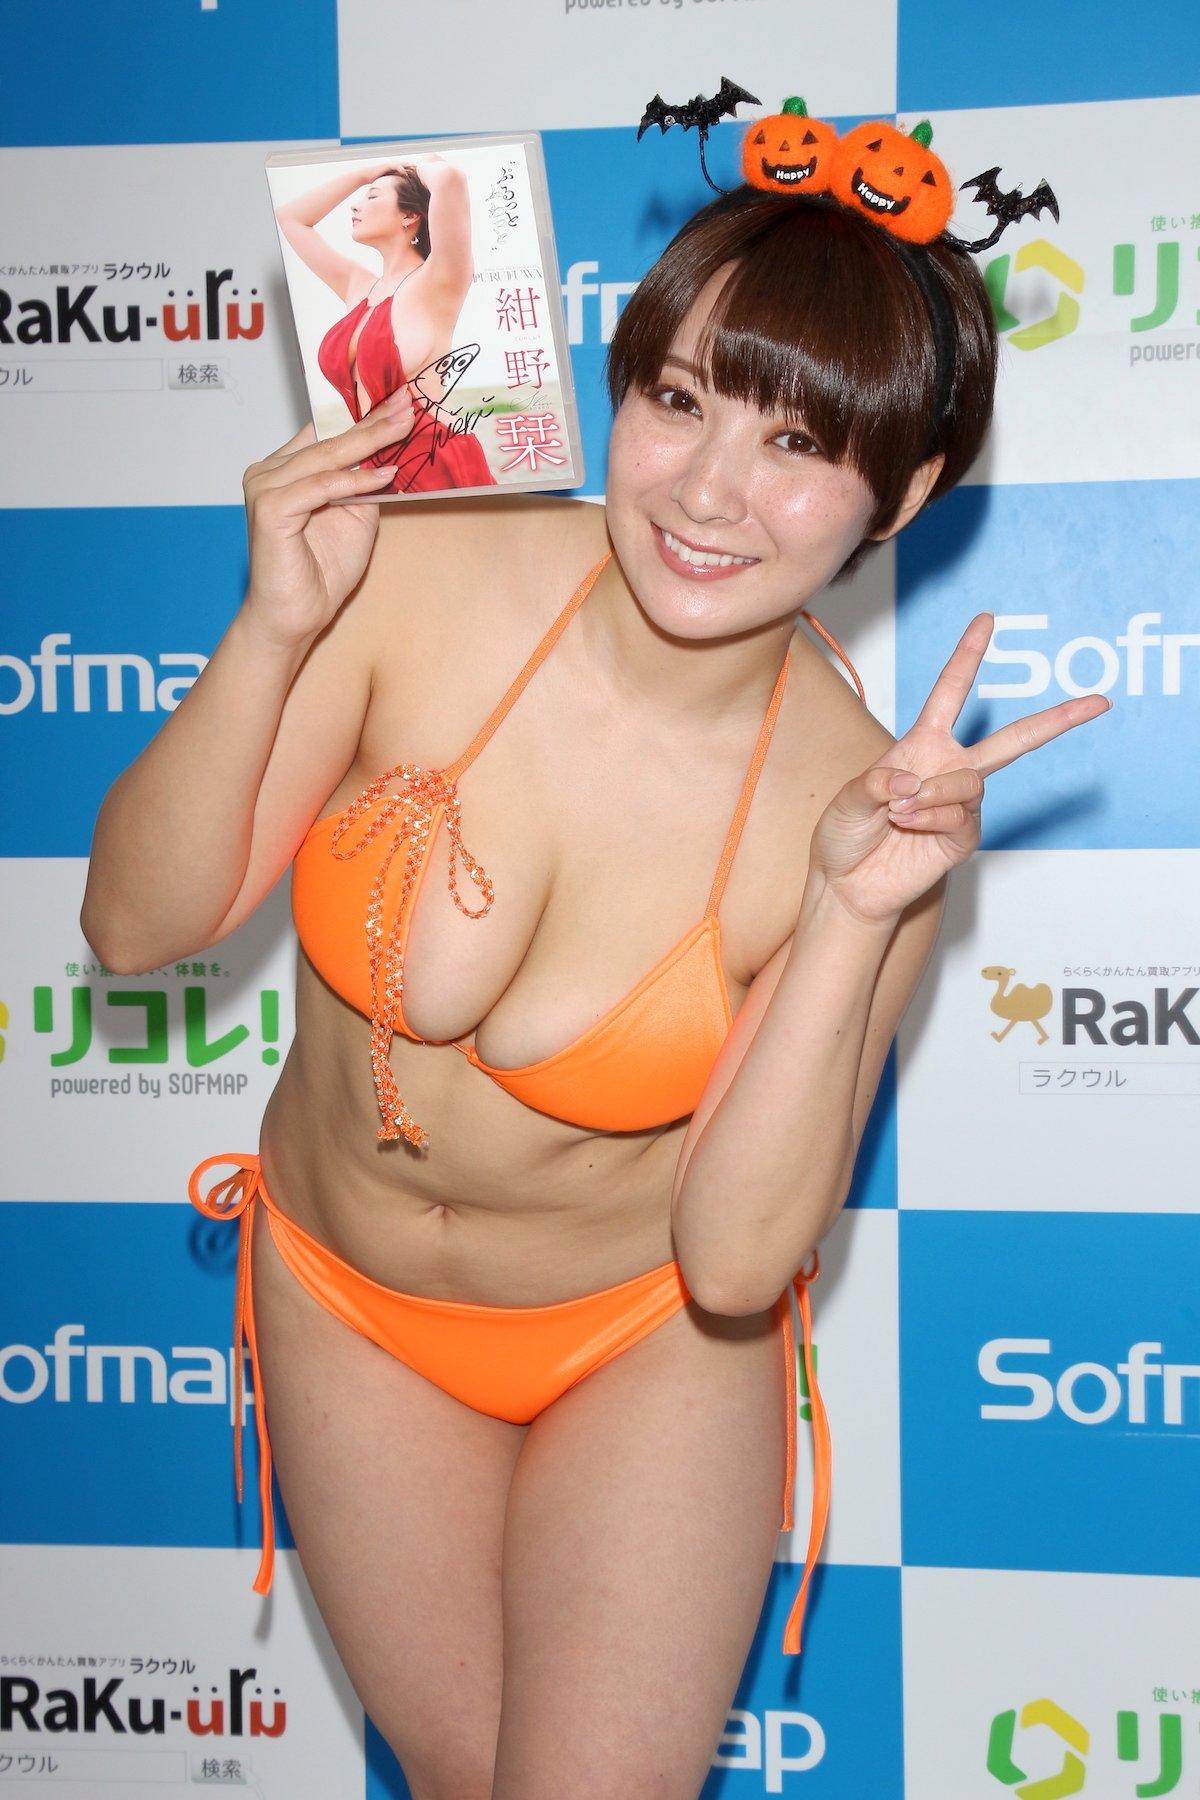 紺野栞「SM嬢に初挑戦」ムチを覚えて感動しました【画像49枚】の画像049